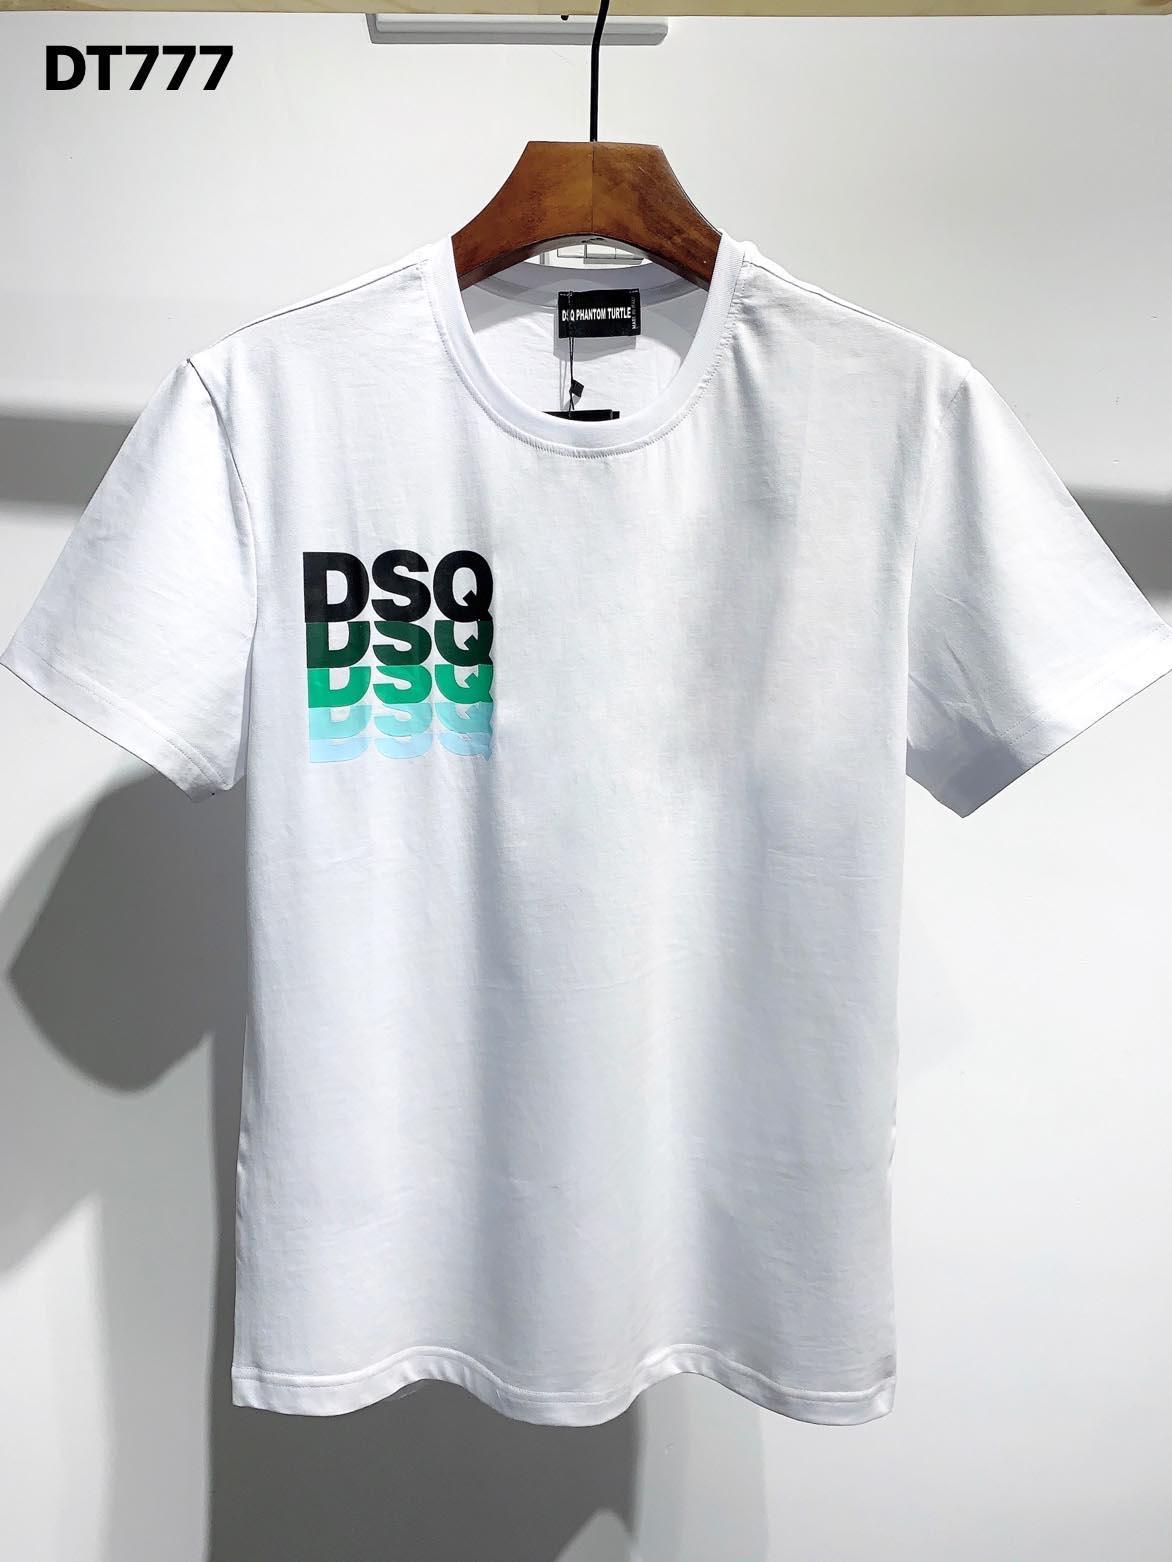 DSQ Phantom Turtle 2020ss New Mens Designer T-shirt Italie T-shirts Été Hommes DSQ T-shirt Homme Top Qualité 100% coton Top 3989